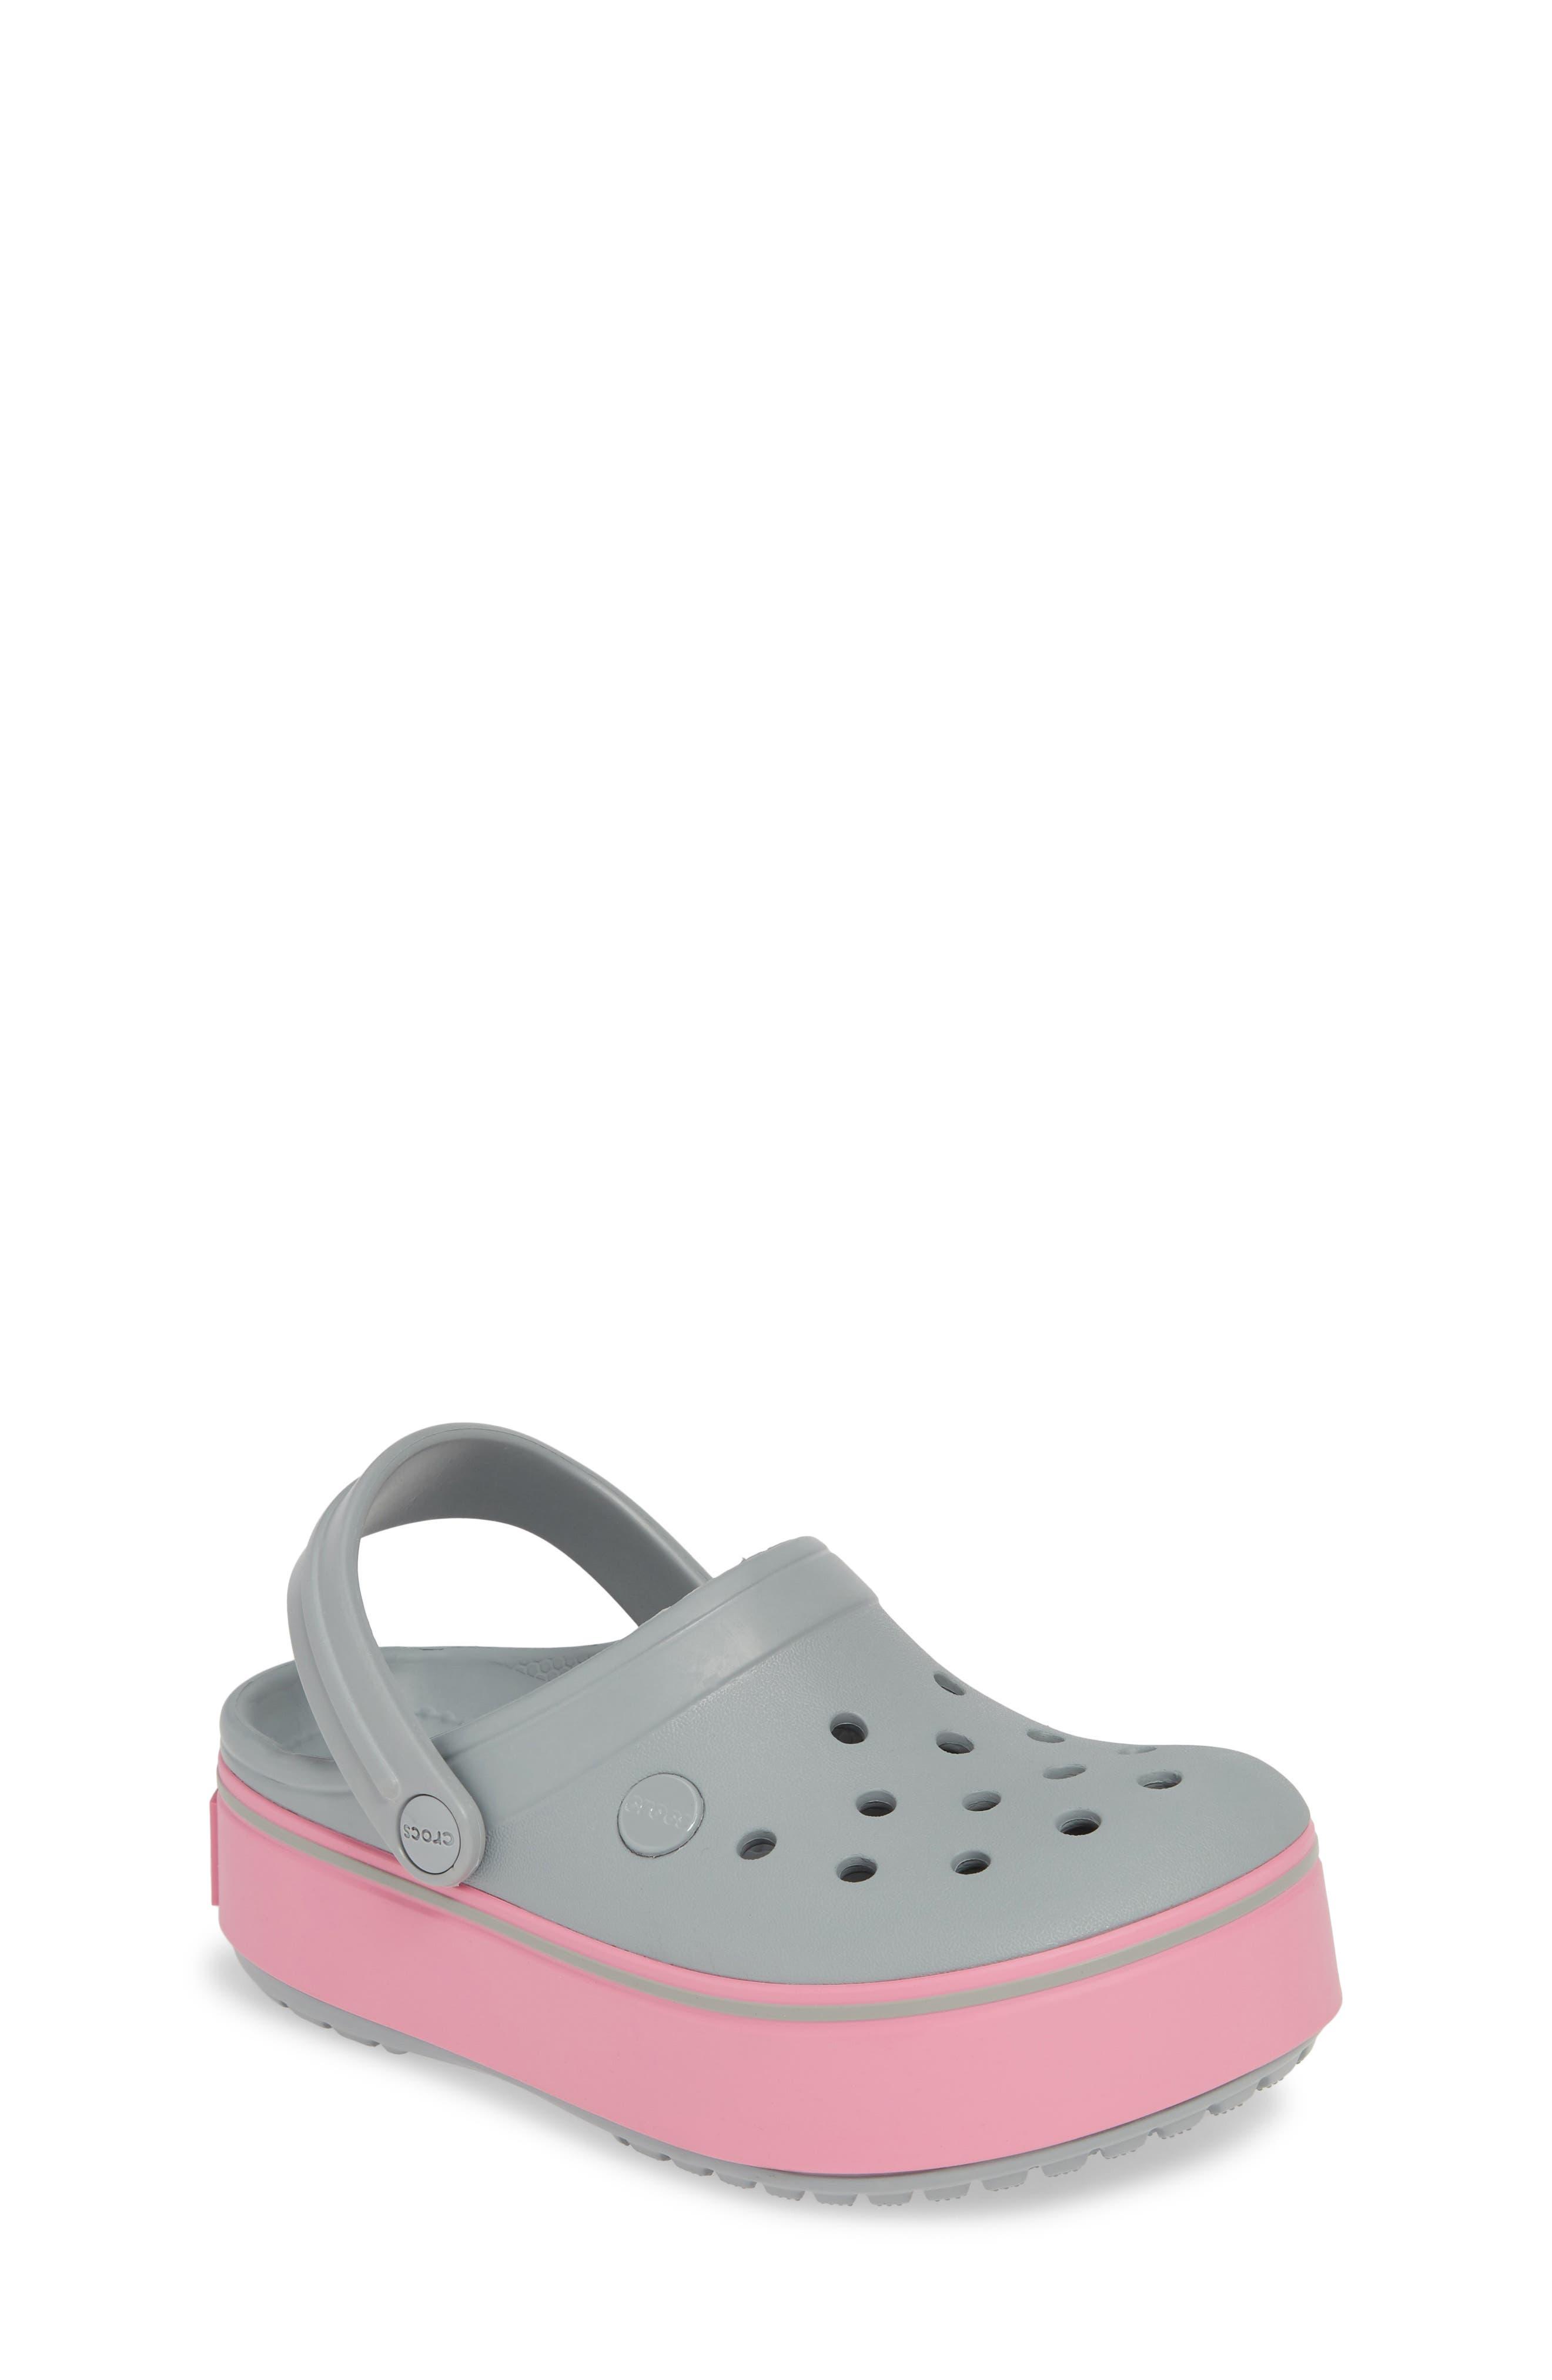 Girls Crocs(TM) Crocband Platform Clog Size 6 M  Grey